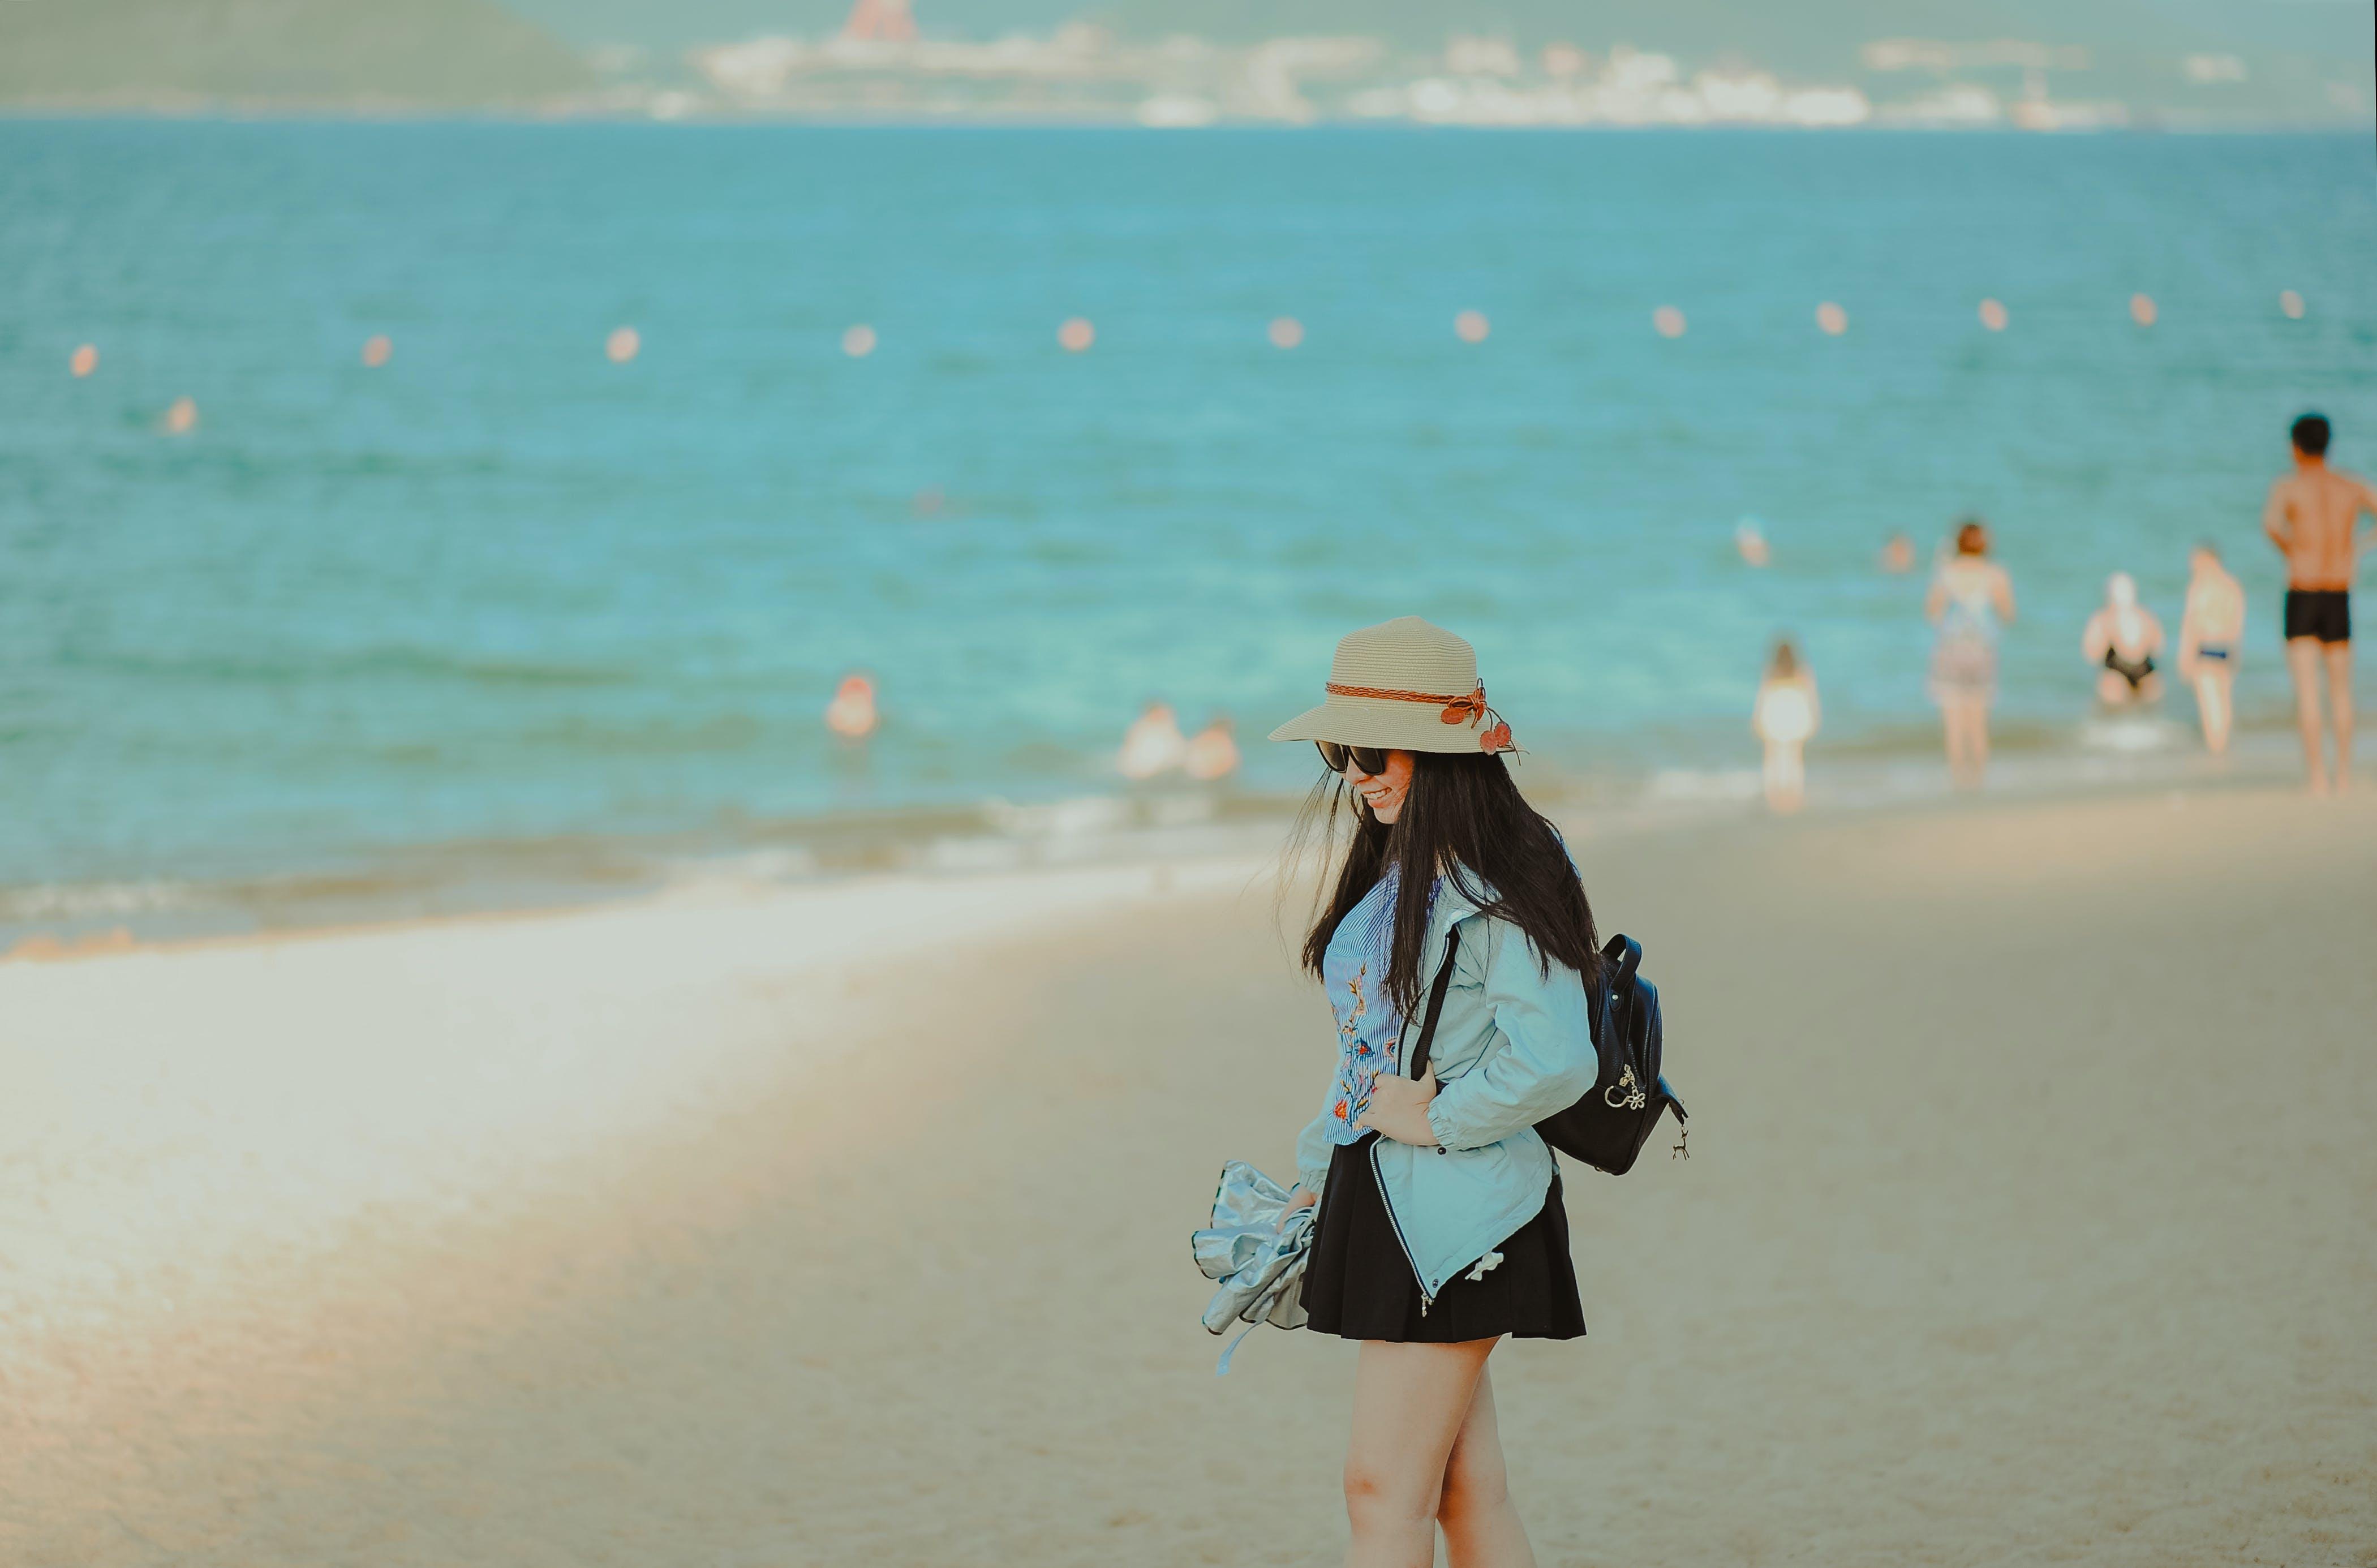 女人, 女孩, 帽子, 招手 的 免费素材照片